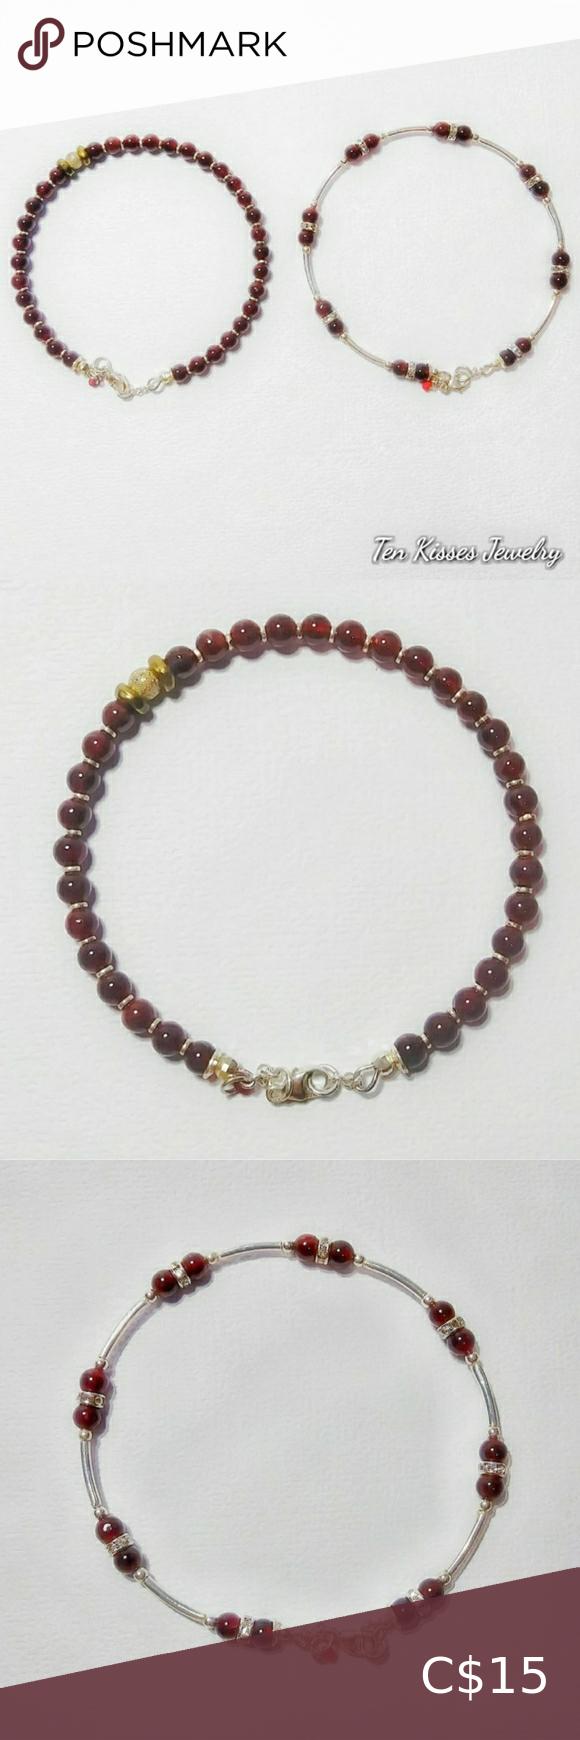 3 for $30 - Garnet Bracelets